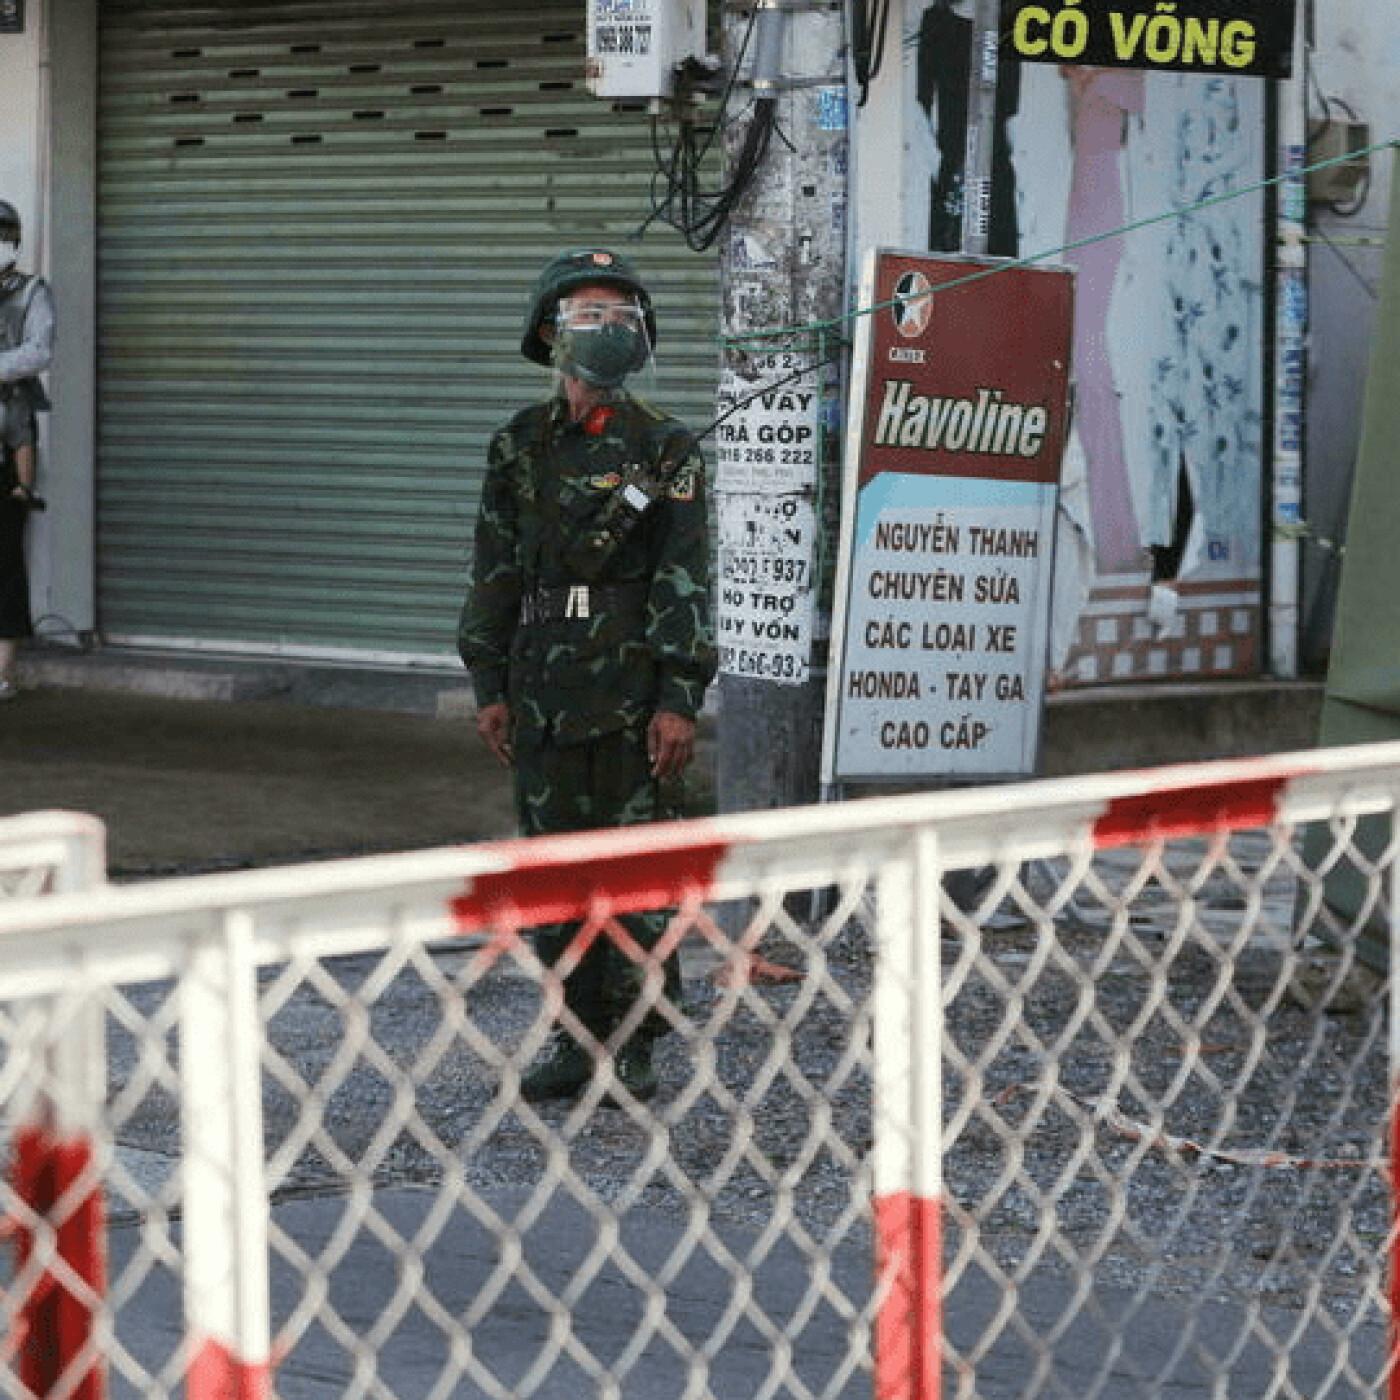 Frédéric au Vietnam parle du pays strictement confiné depuis 3 mois - 31 08 2021 - StereoChic Radio